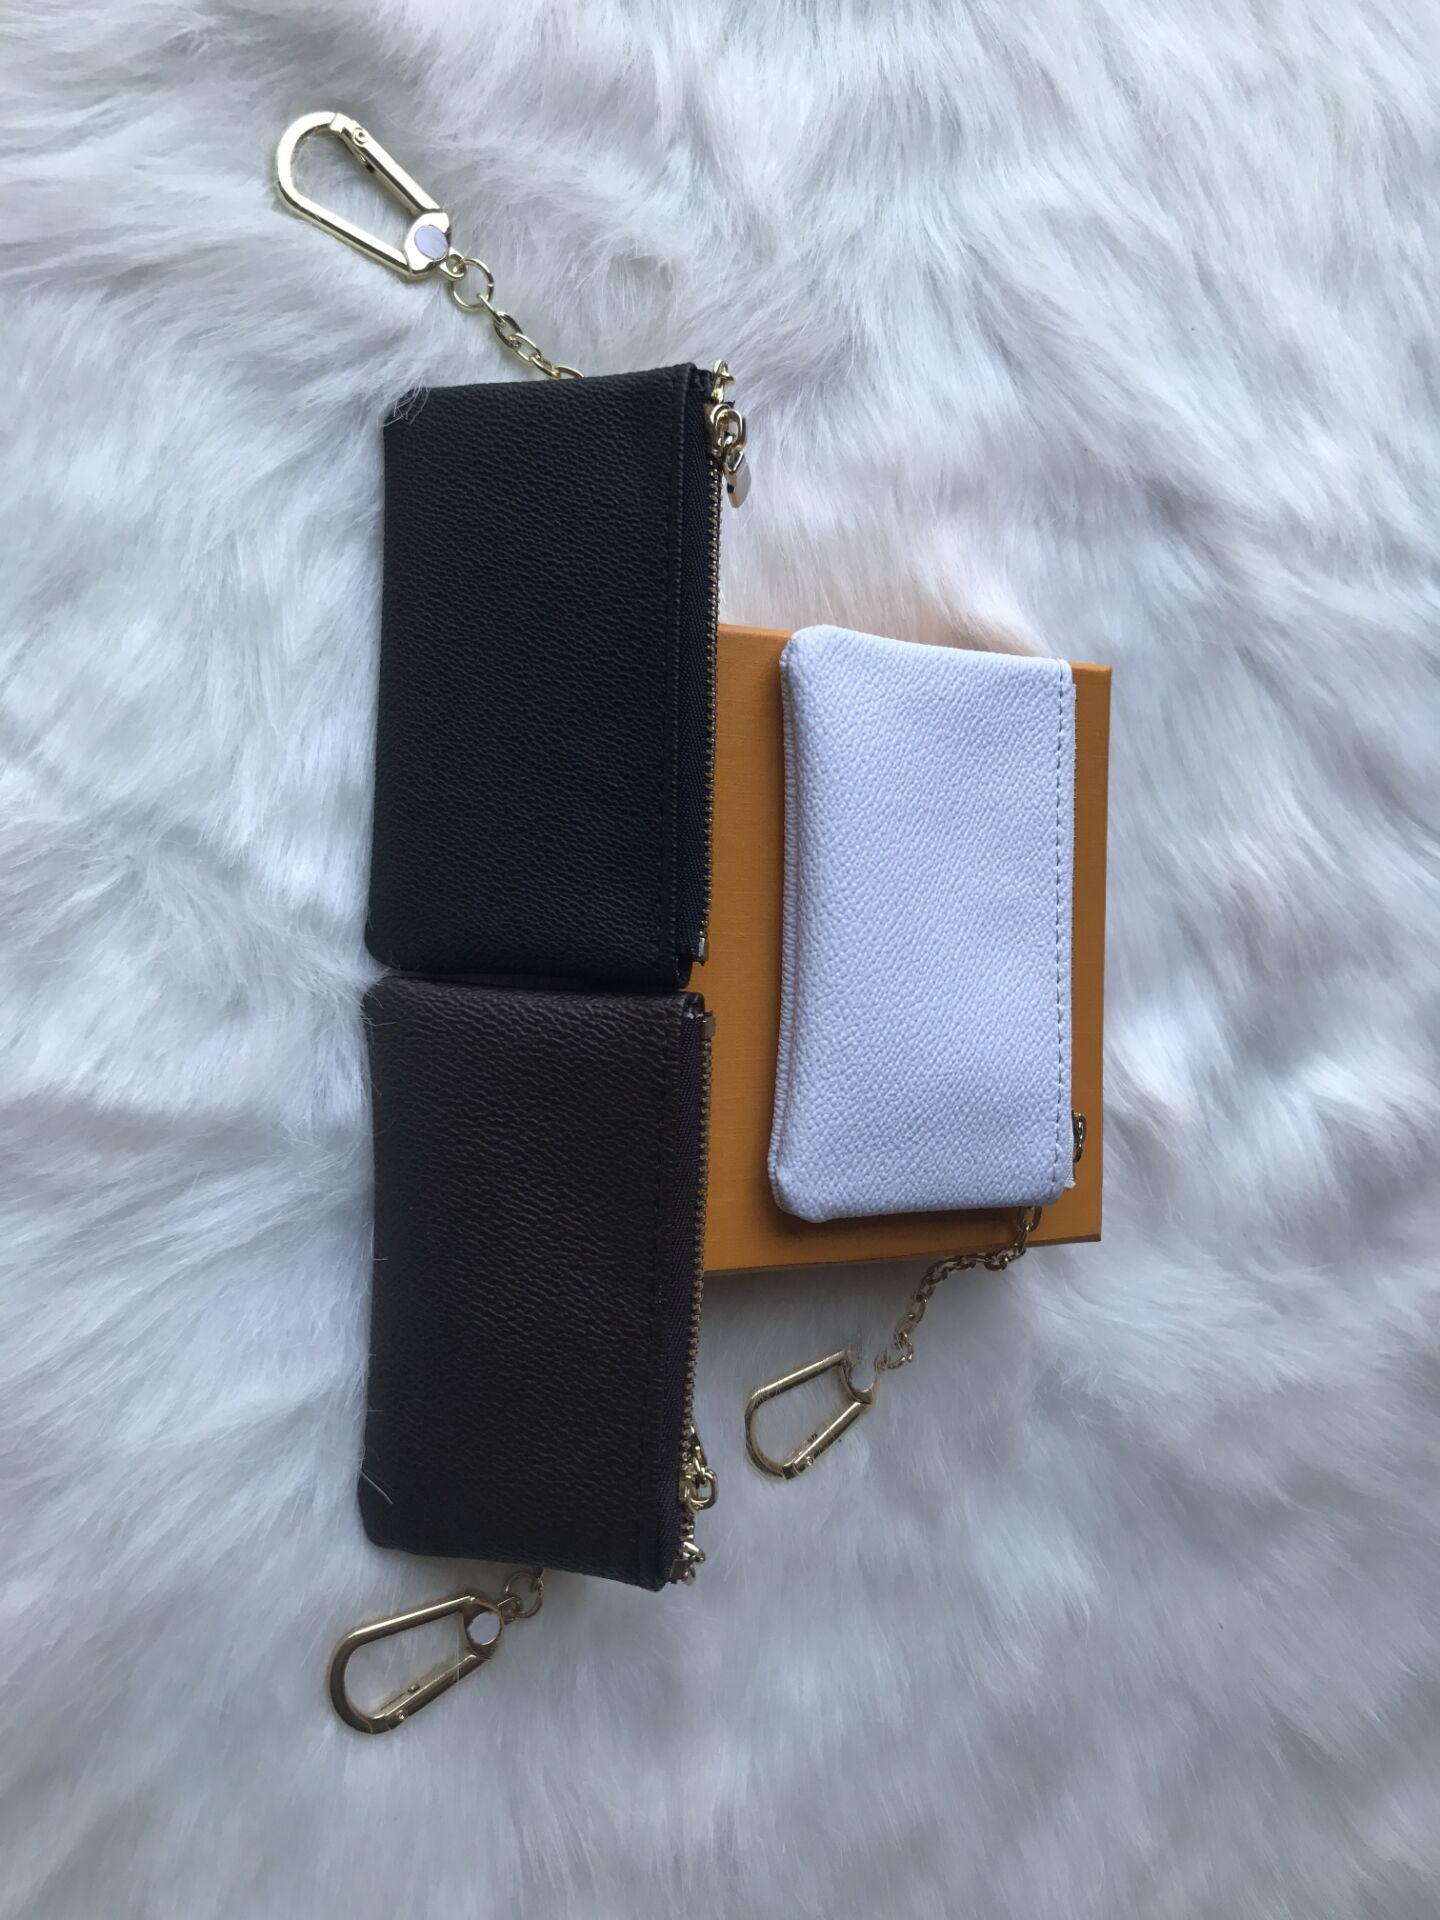 fashionr cuir clé de poche porte-clés détient Damier de haute qualité femmes célèbres designer classiques Porte-monnaie petit sac articles en cuir